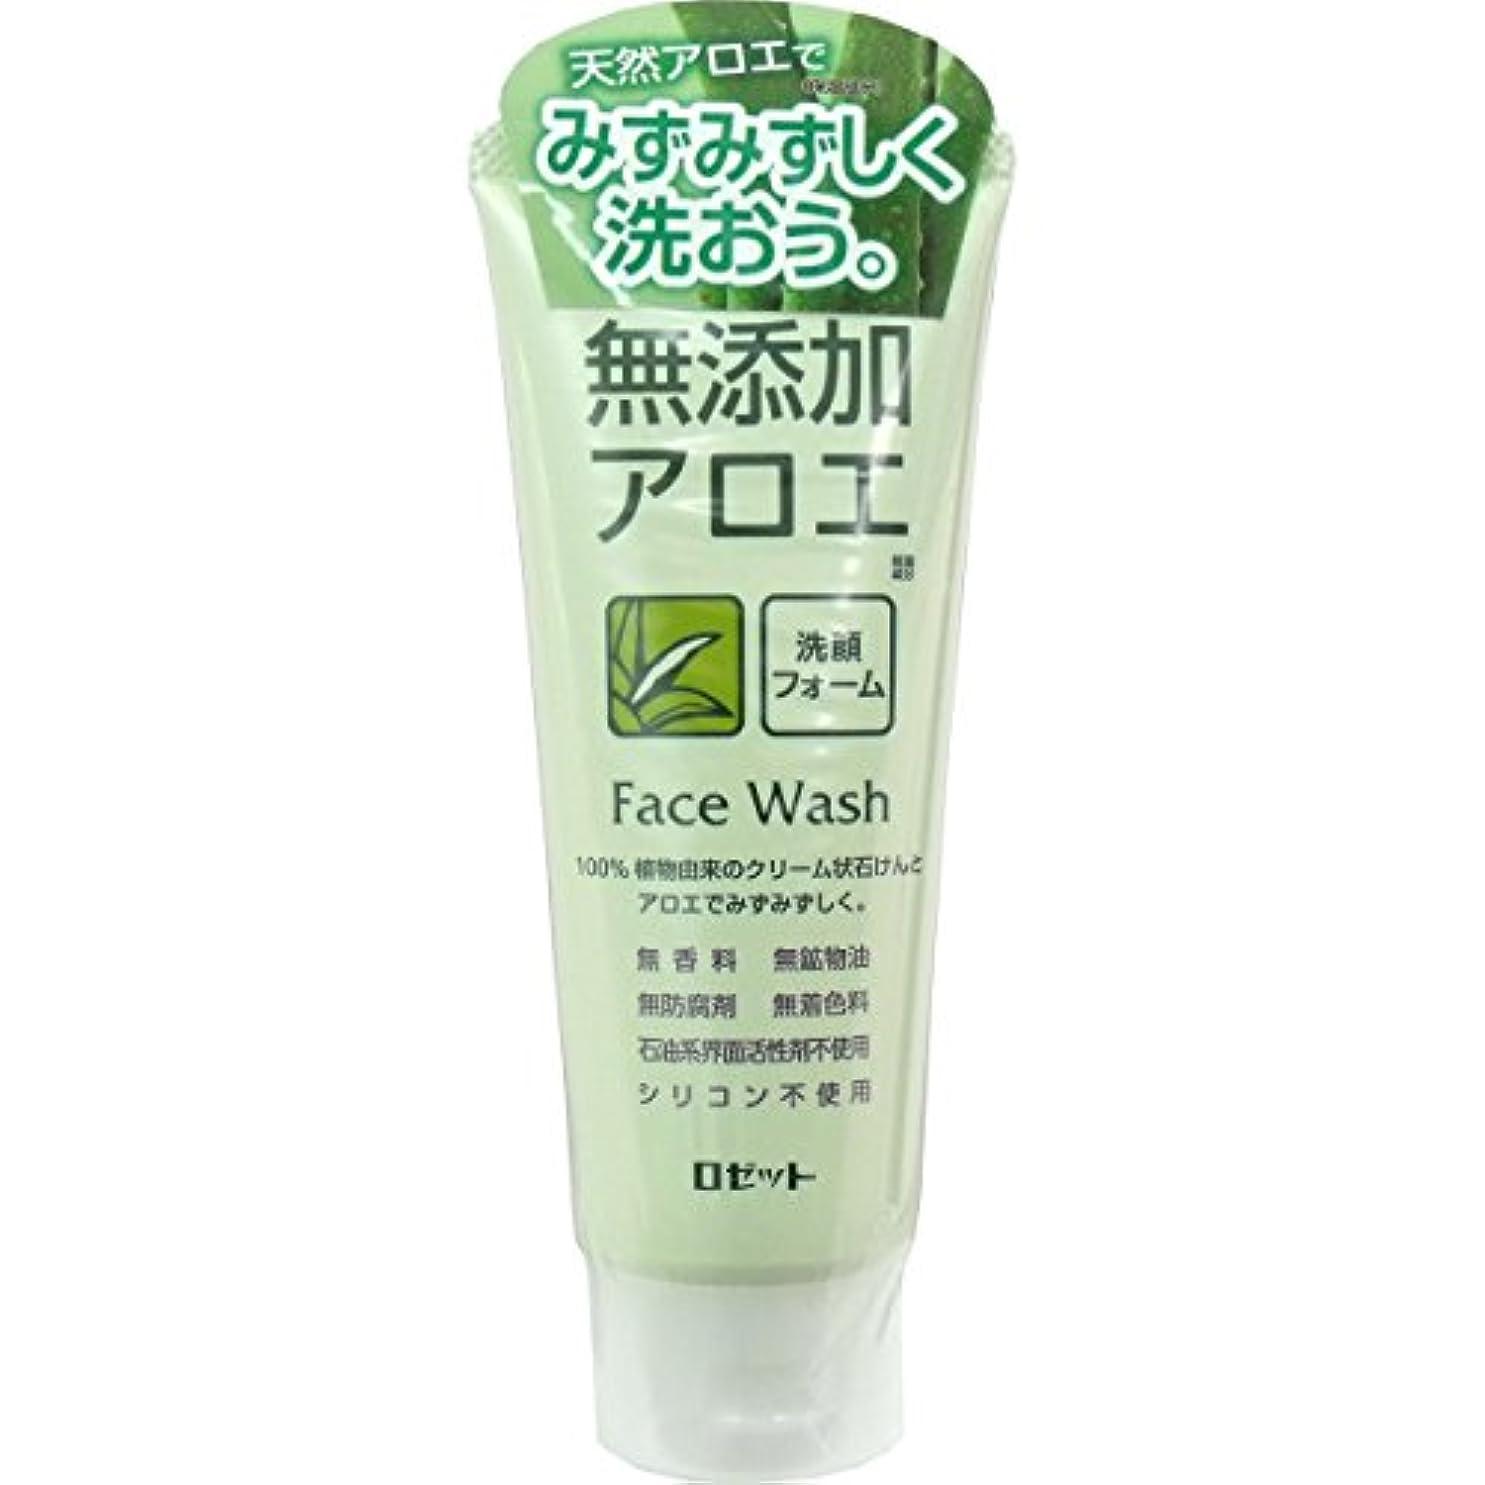 仕事化学者演じる【まとめ買い】無添加アロエ洗顔フォーム 140g ×2セット